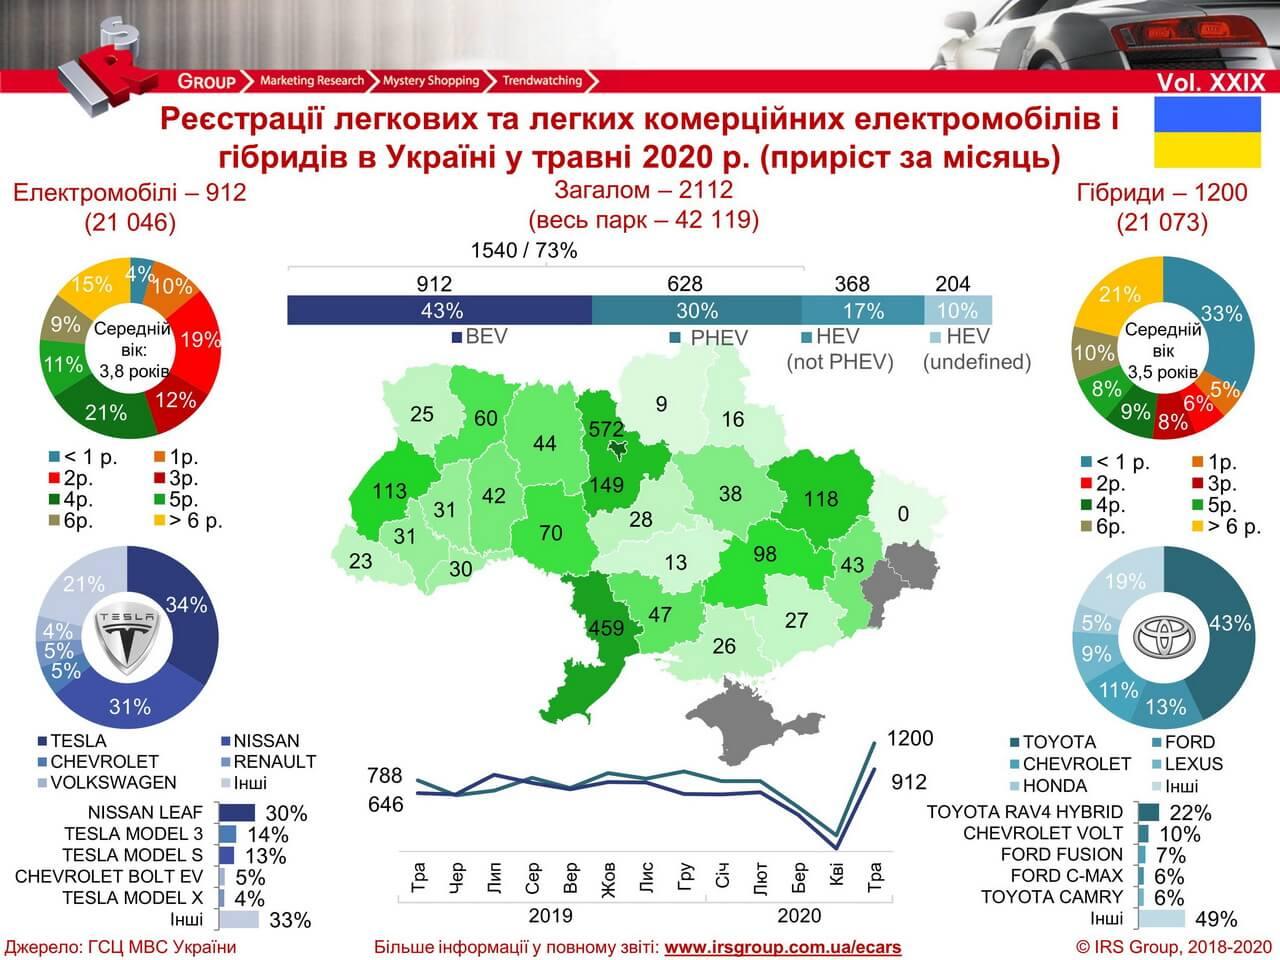 Количество зарегистрированных электрических и гибридных автомобилей в Украине на 01.06.2020 года